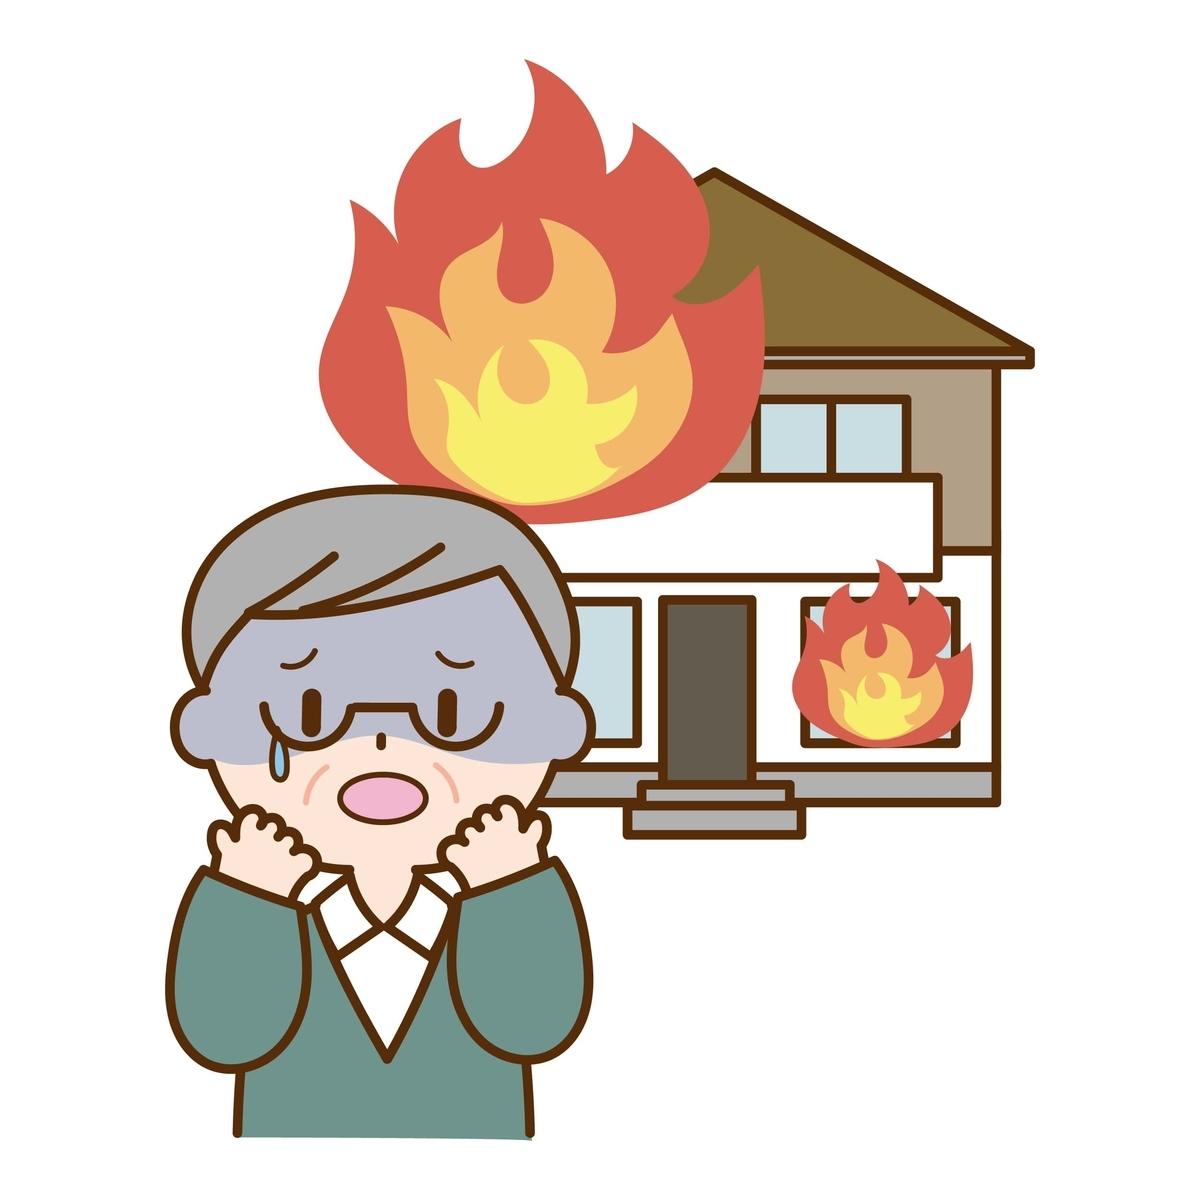 自分の家が火元になり隣人の家も燃えてしまったら?